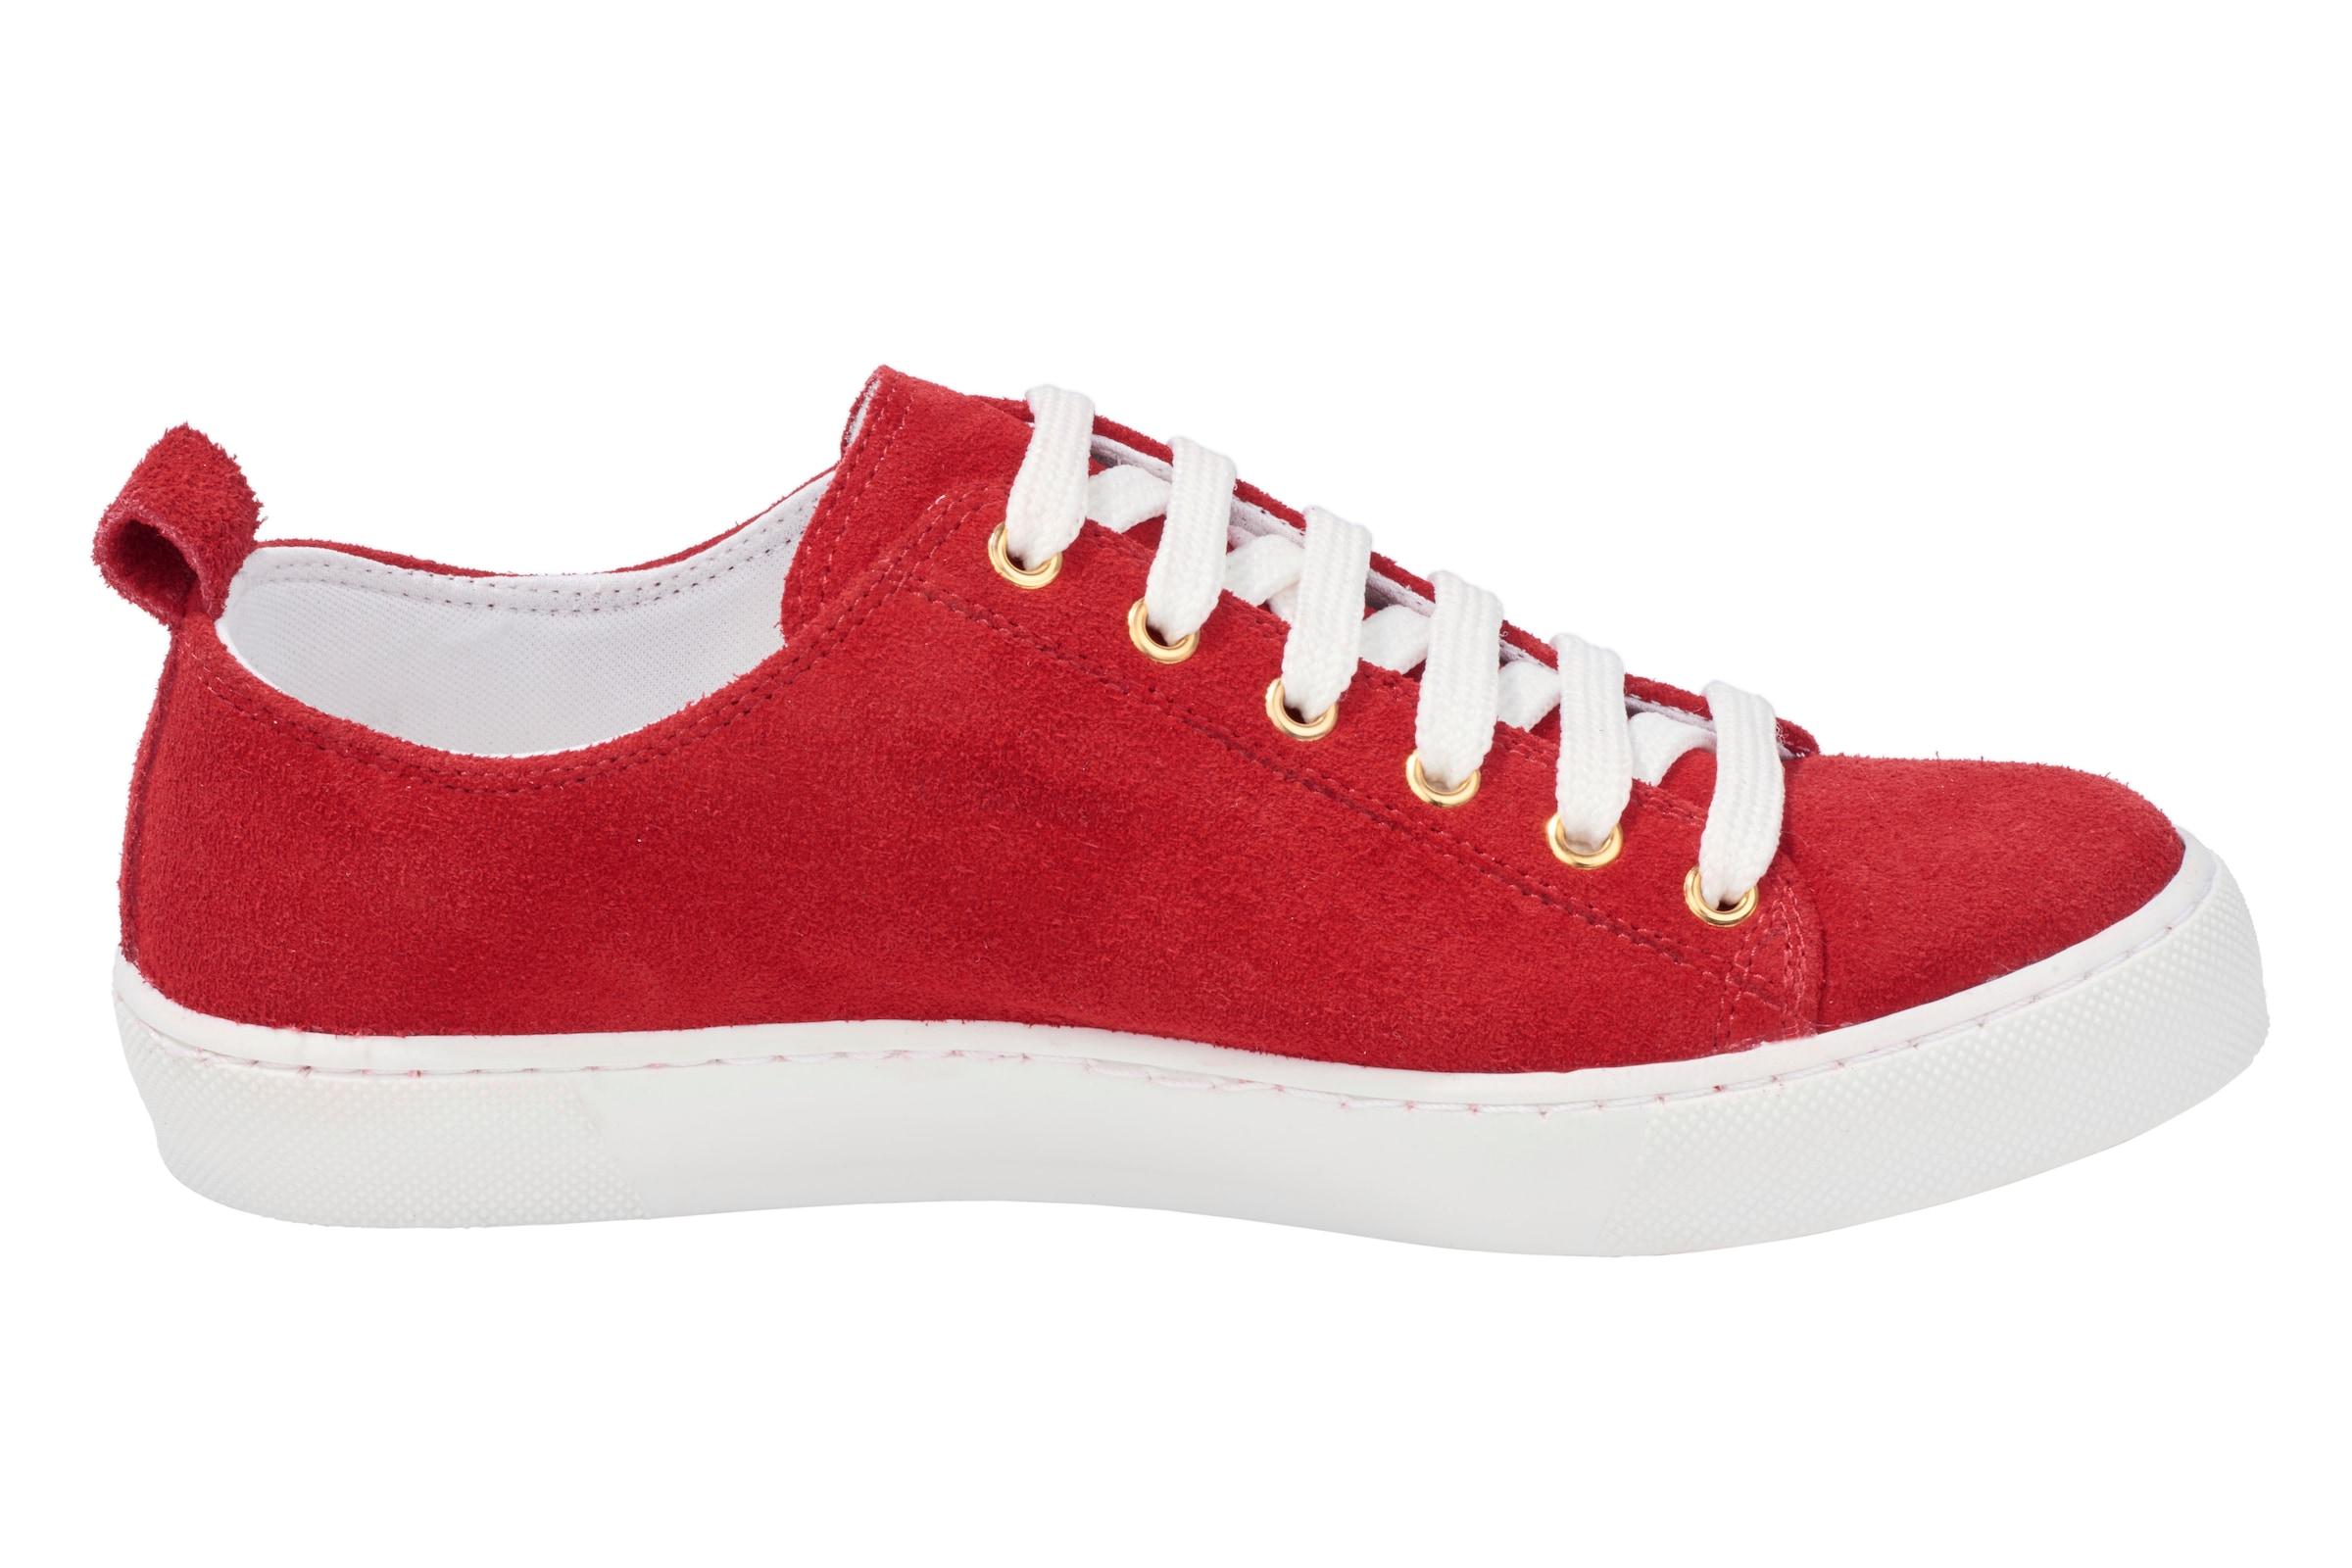 Heine Mit Stern Sneaker In Rot 8PNnOkXw0